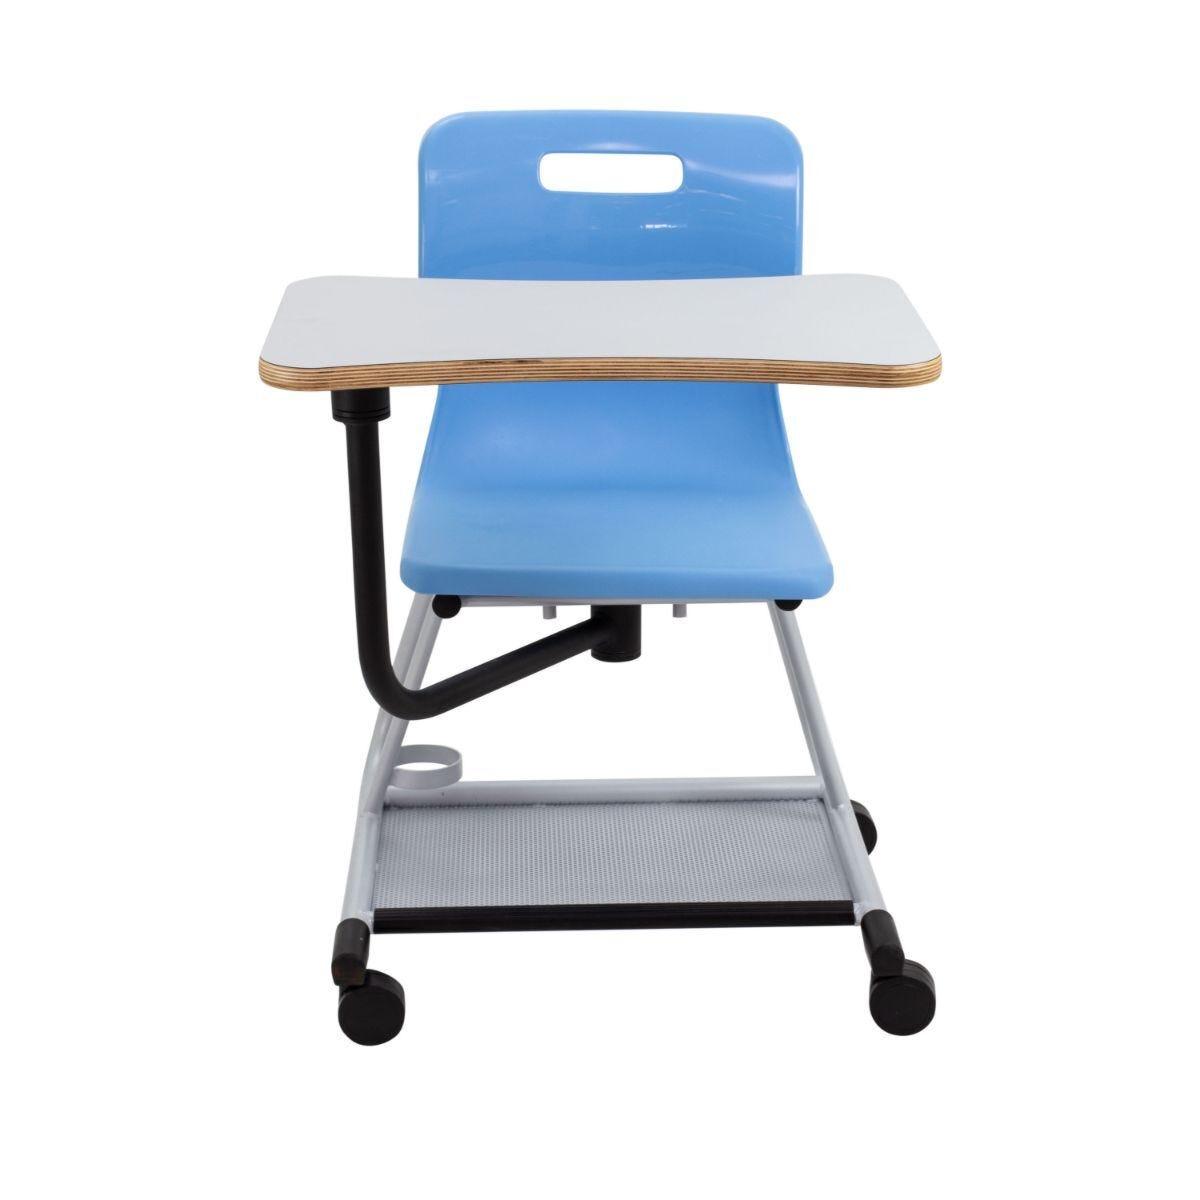 TC Office Titan Teach Chair with Writing Tablet Sky Blue